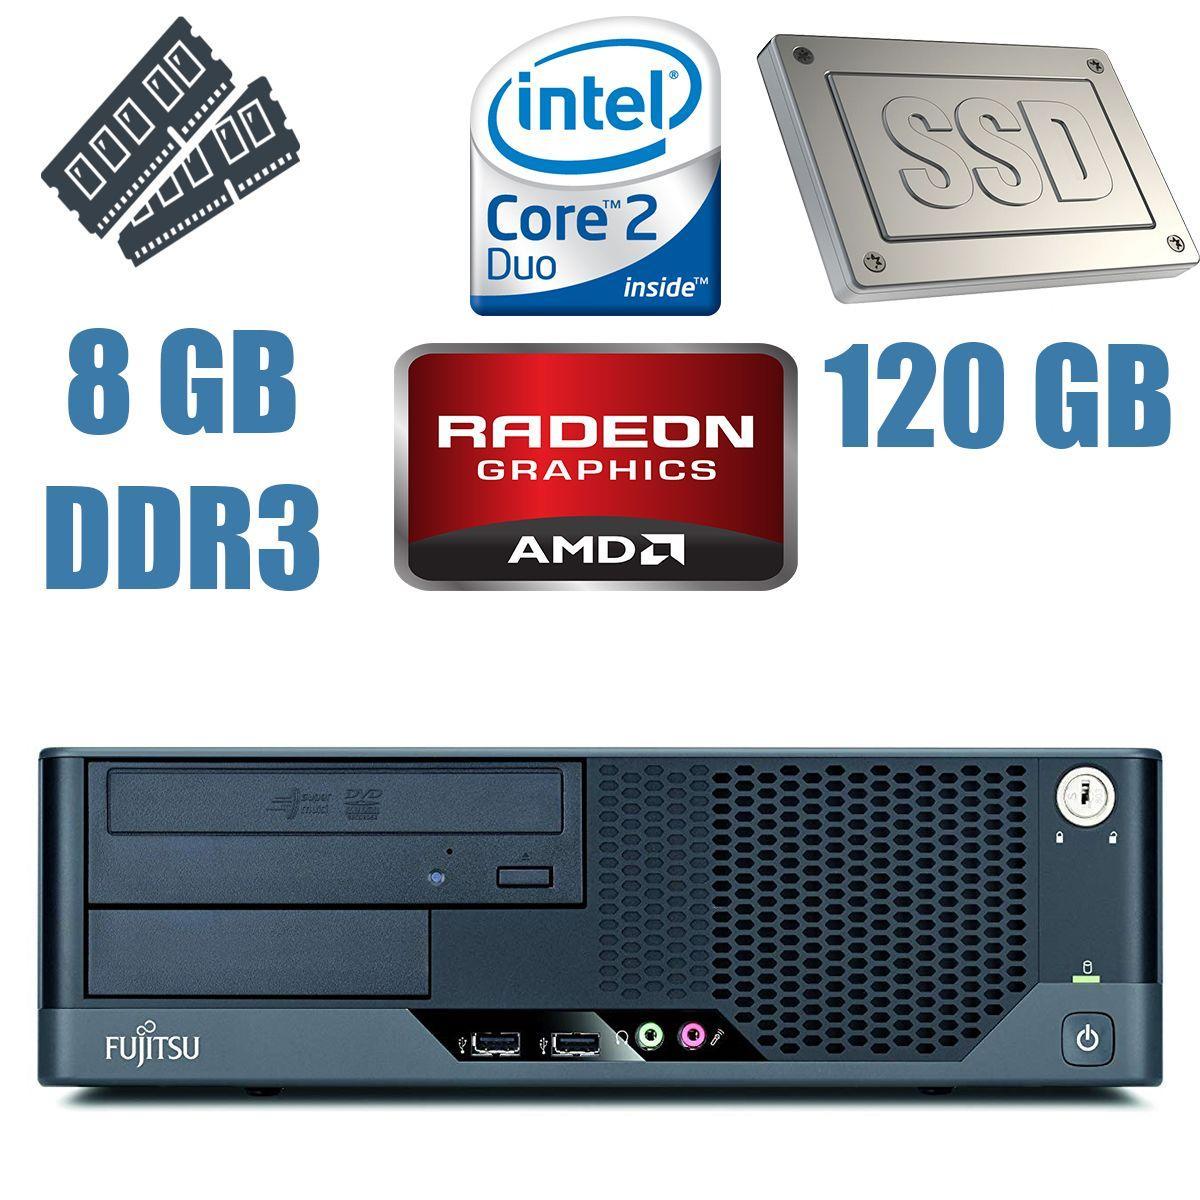 Fujitsu e7935 DT / Intel Core 2 Duo E8500 (2 ядра по 3.16GHz) / 8 GB DDR2 / 120 GB SSD / AMD Radeon 5450 1GB GDDR3